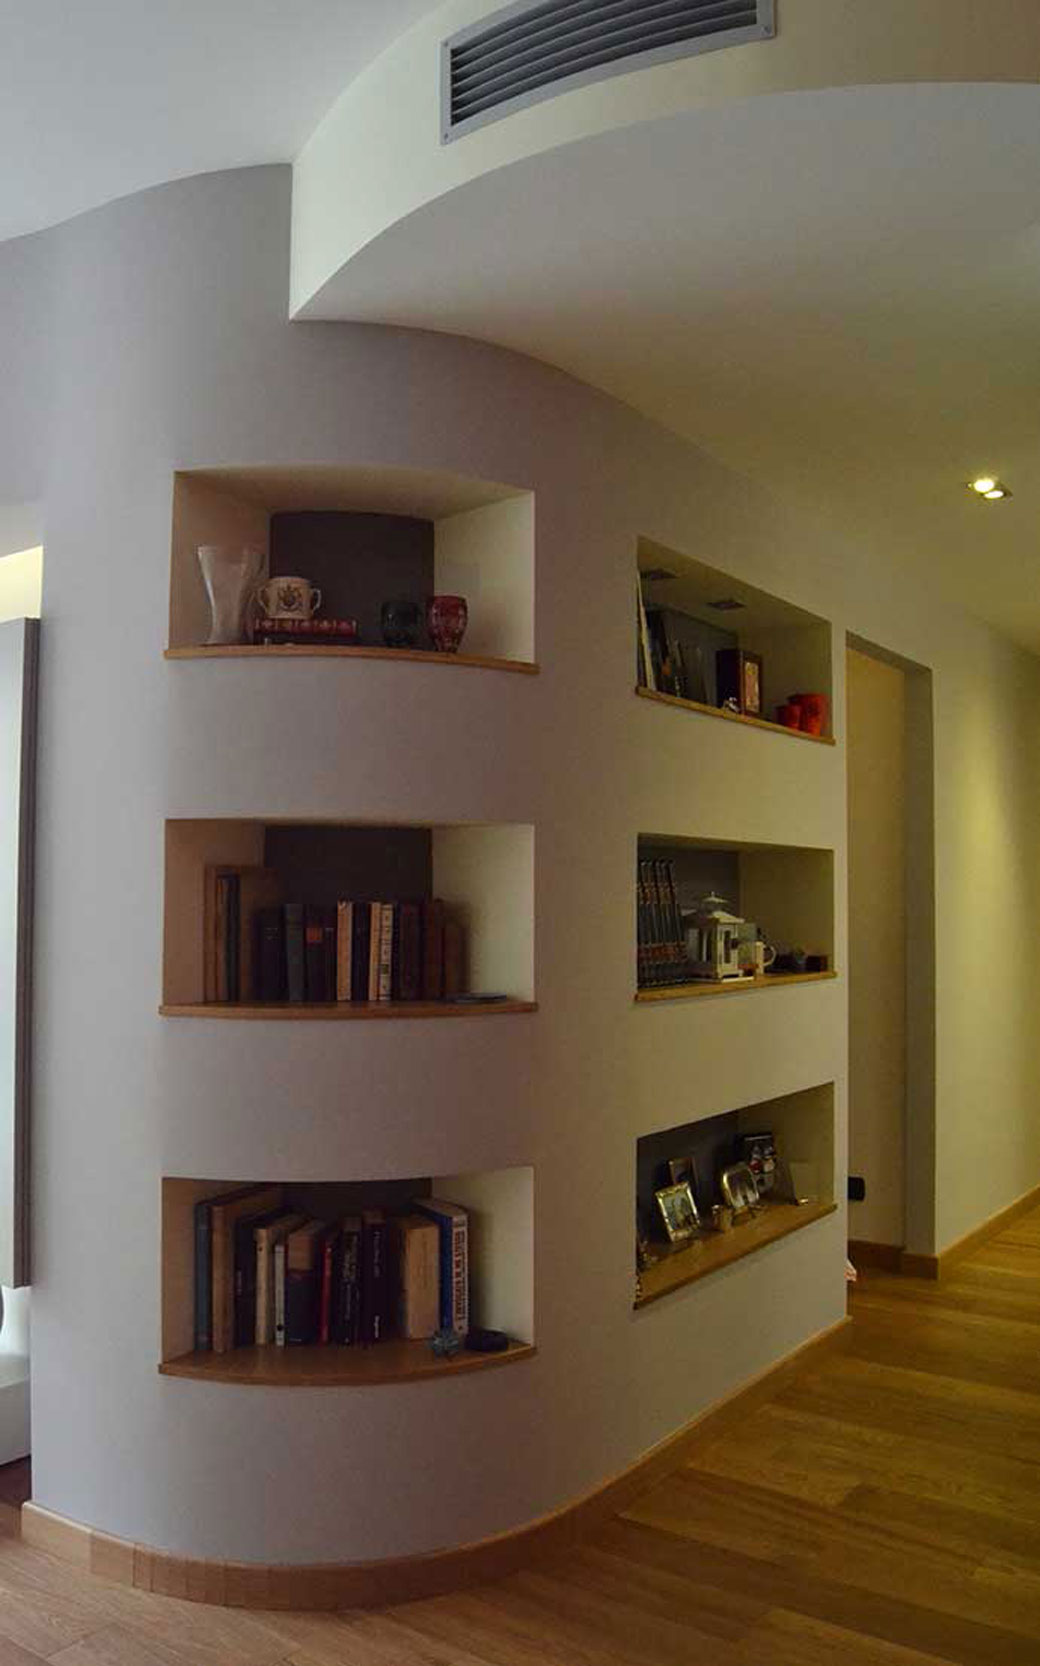 7 Bianchibosoni Architetti Savona Libreria Parete Tonda Design